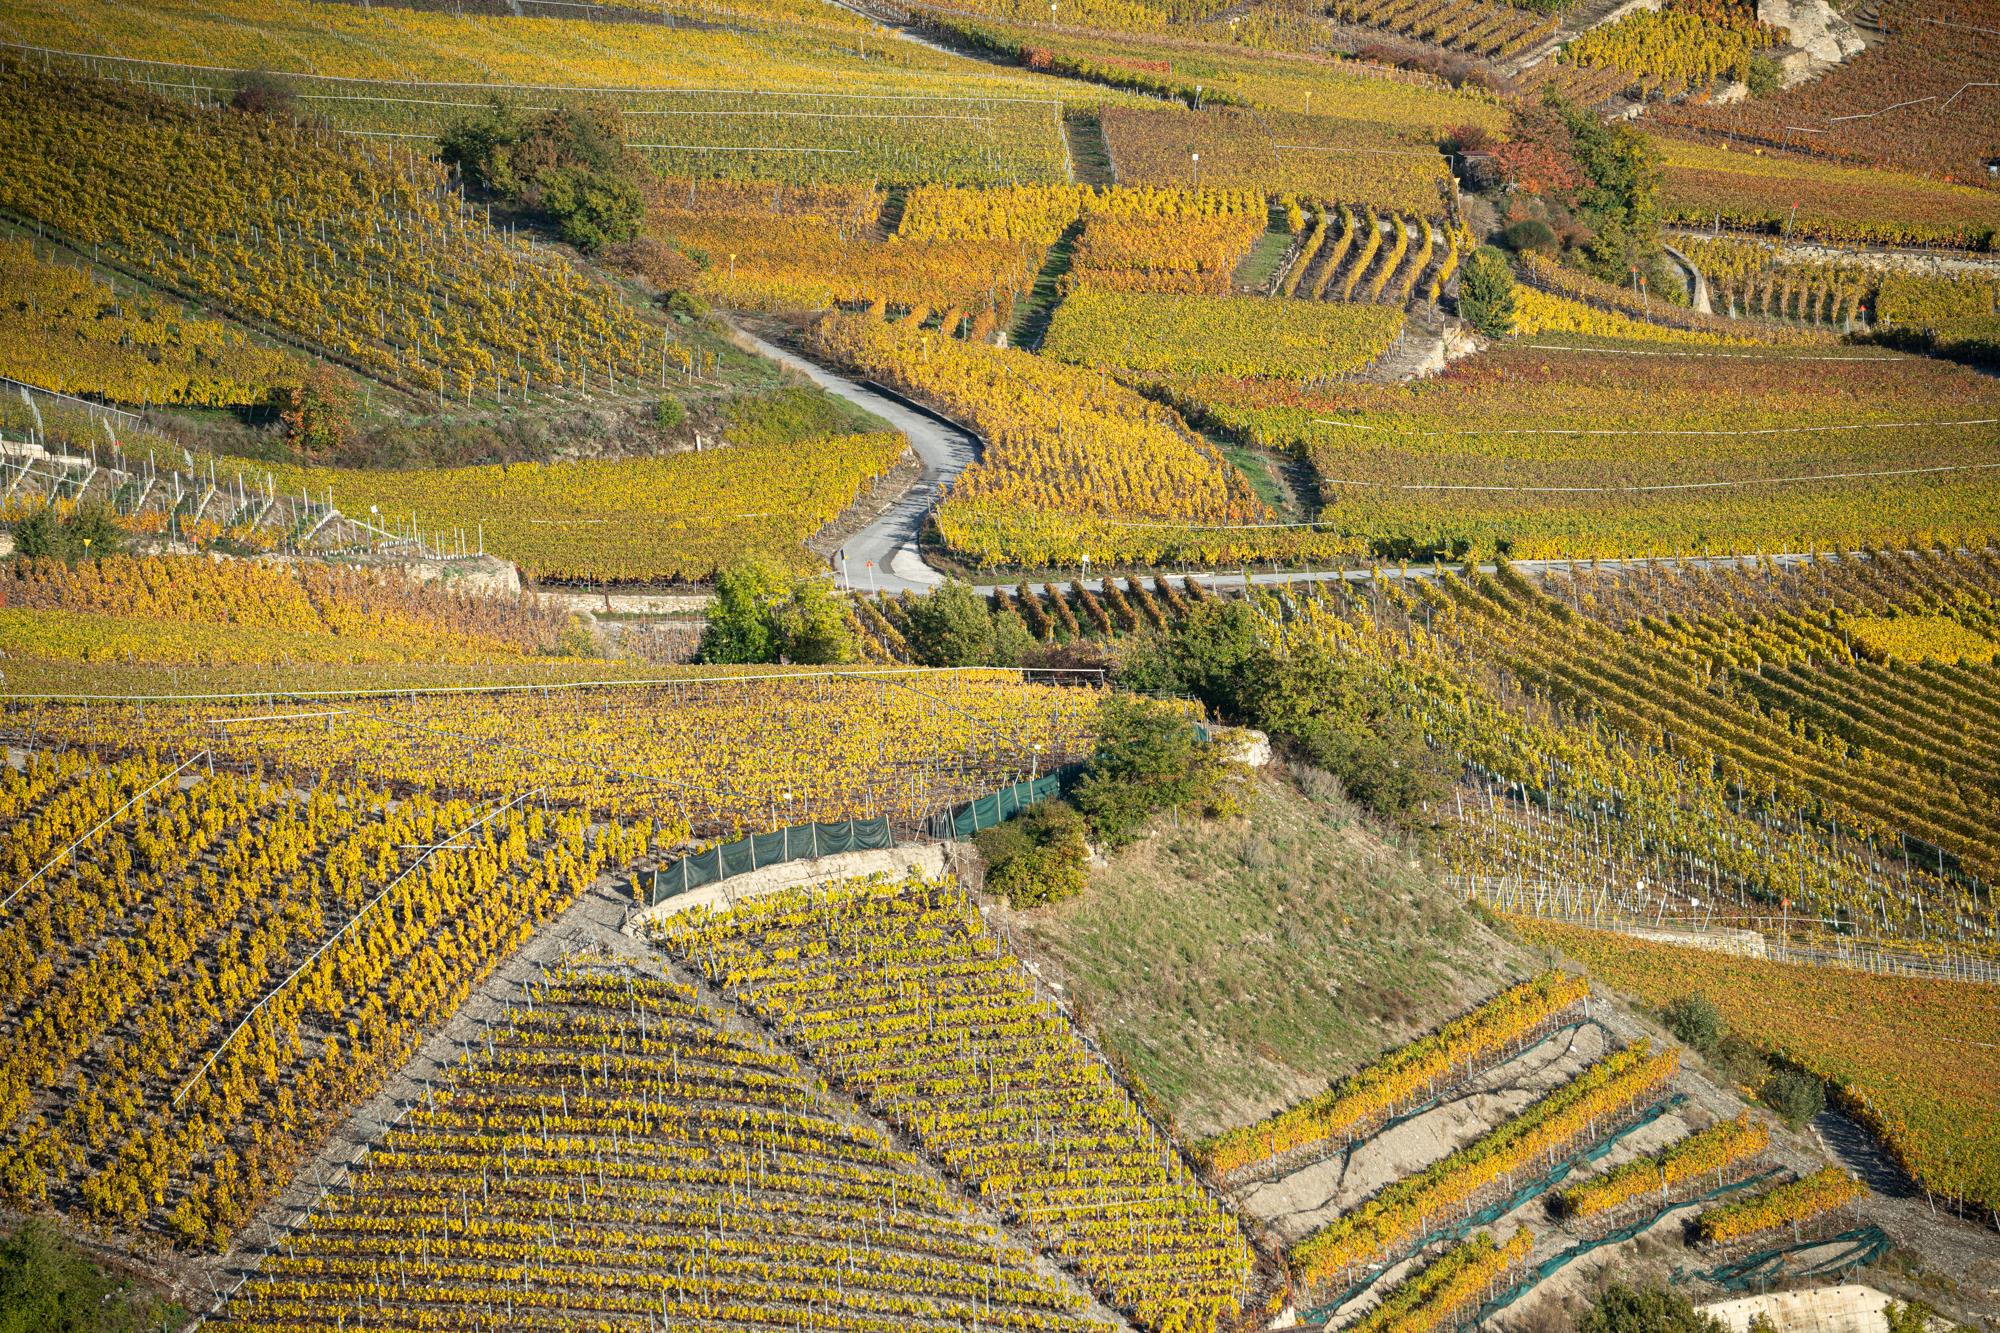 vineyards around Signèse, Switzerland